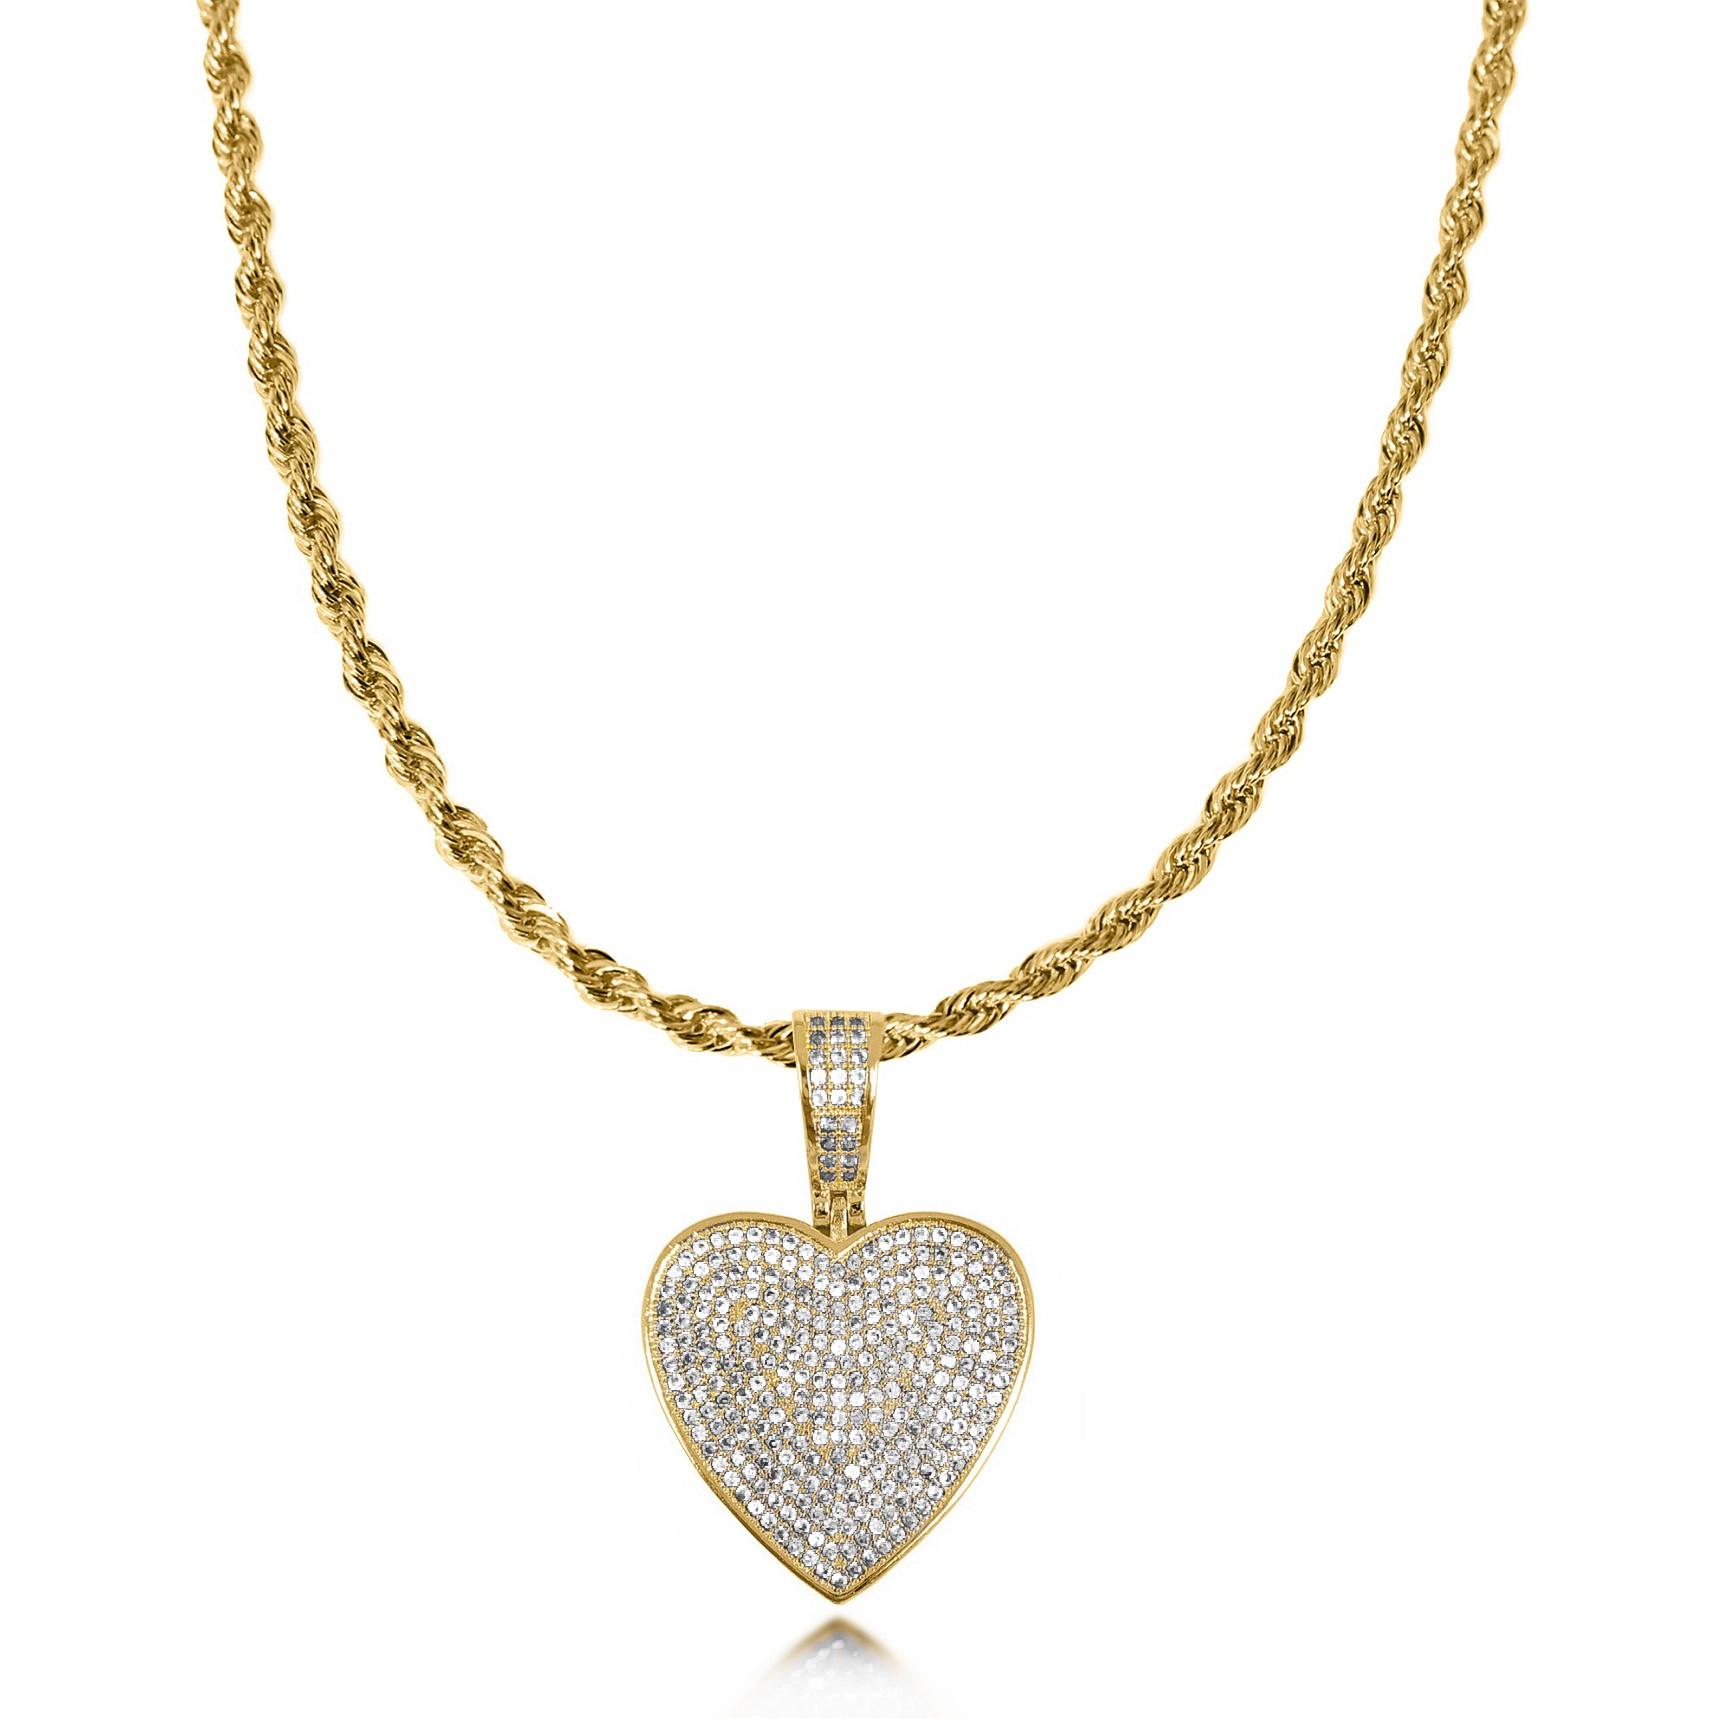 Colar 45 cm Coração Luxo Cravejado Folheado a Ouro 18k  - Lunozê Joias